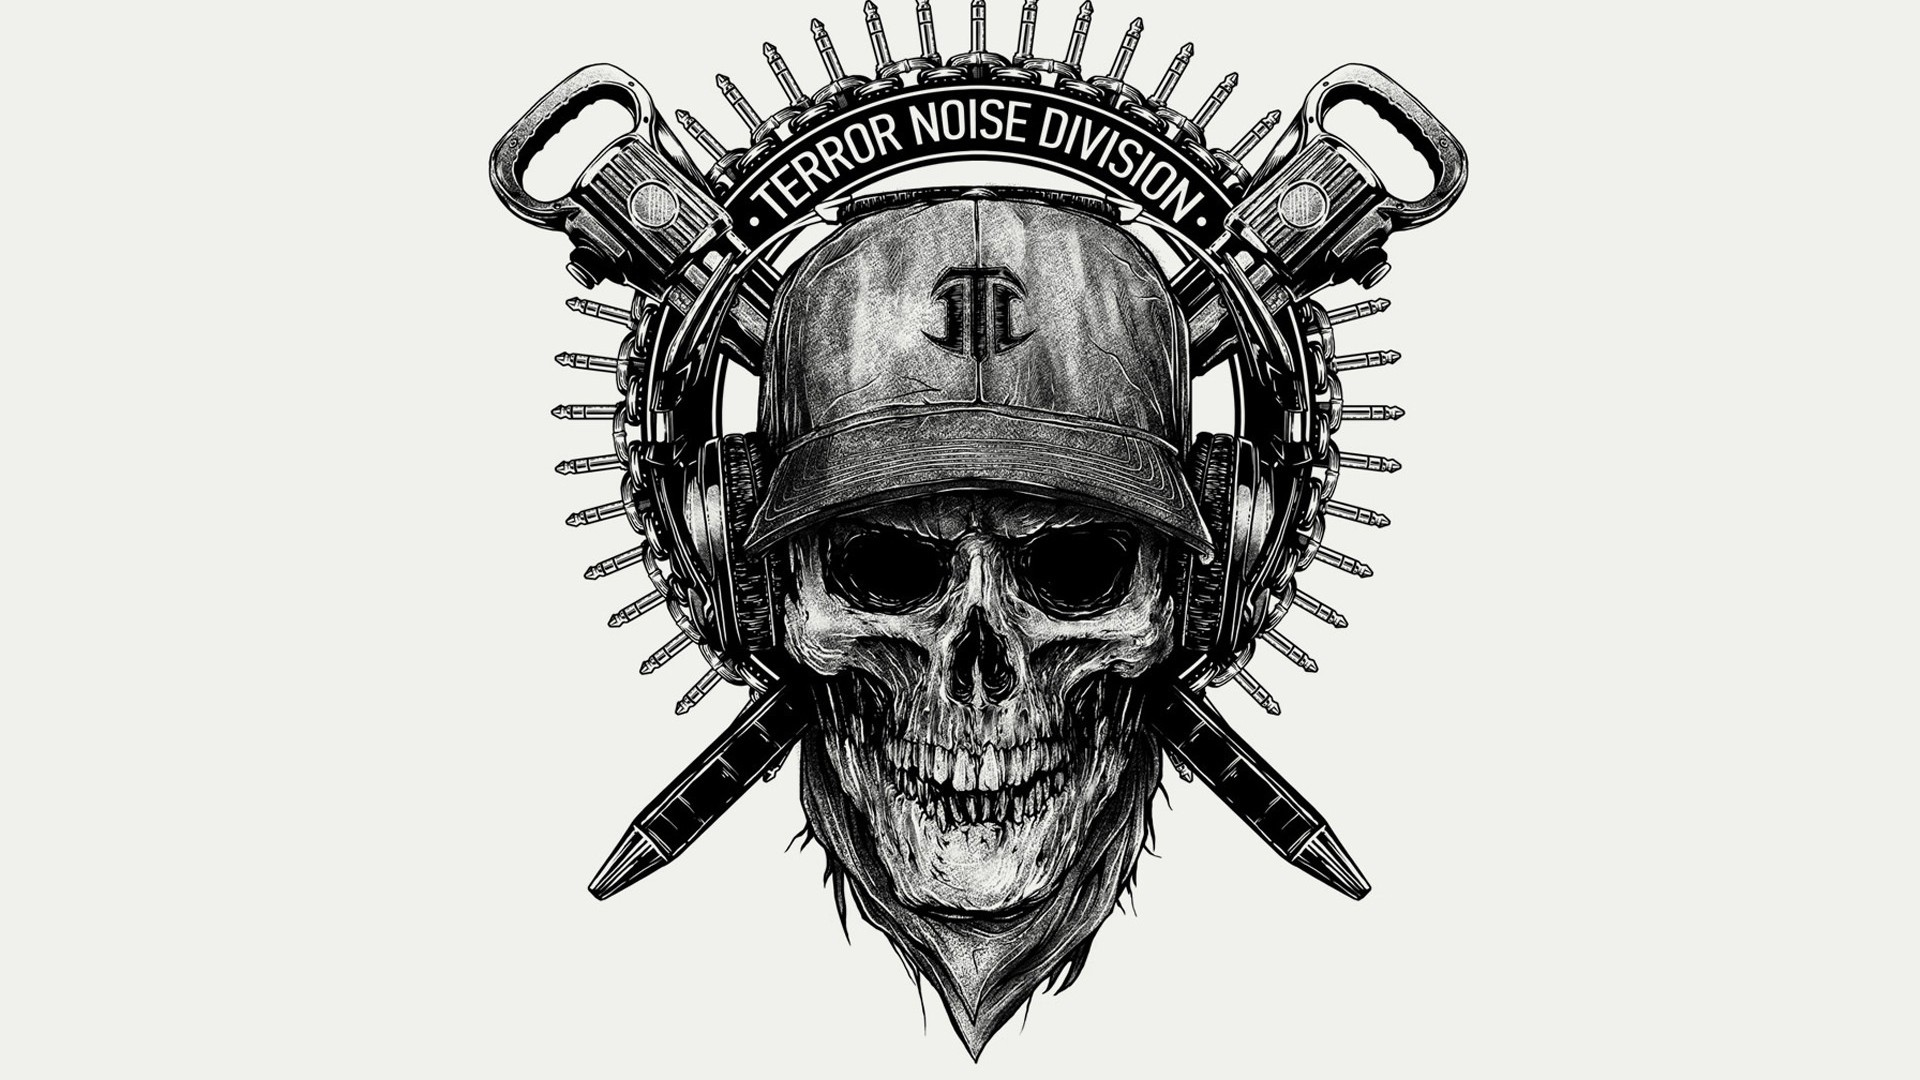 Full HD Wallpaper battlefield helmet skull energy, Desktop Backgrounds HD  1080p | Skulls for Christiane | Pinterest | Hd wallpaper